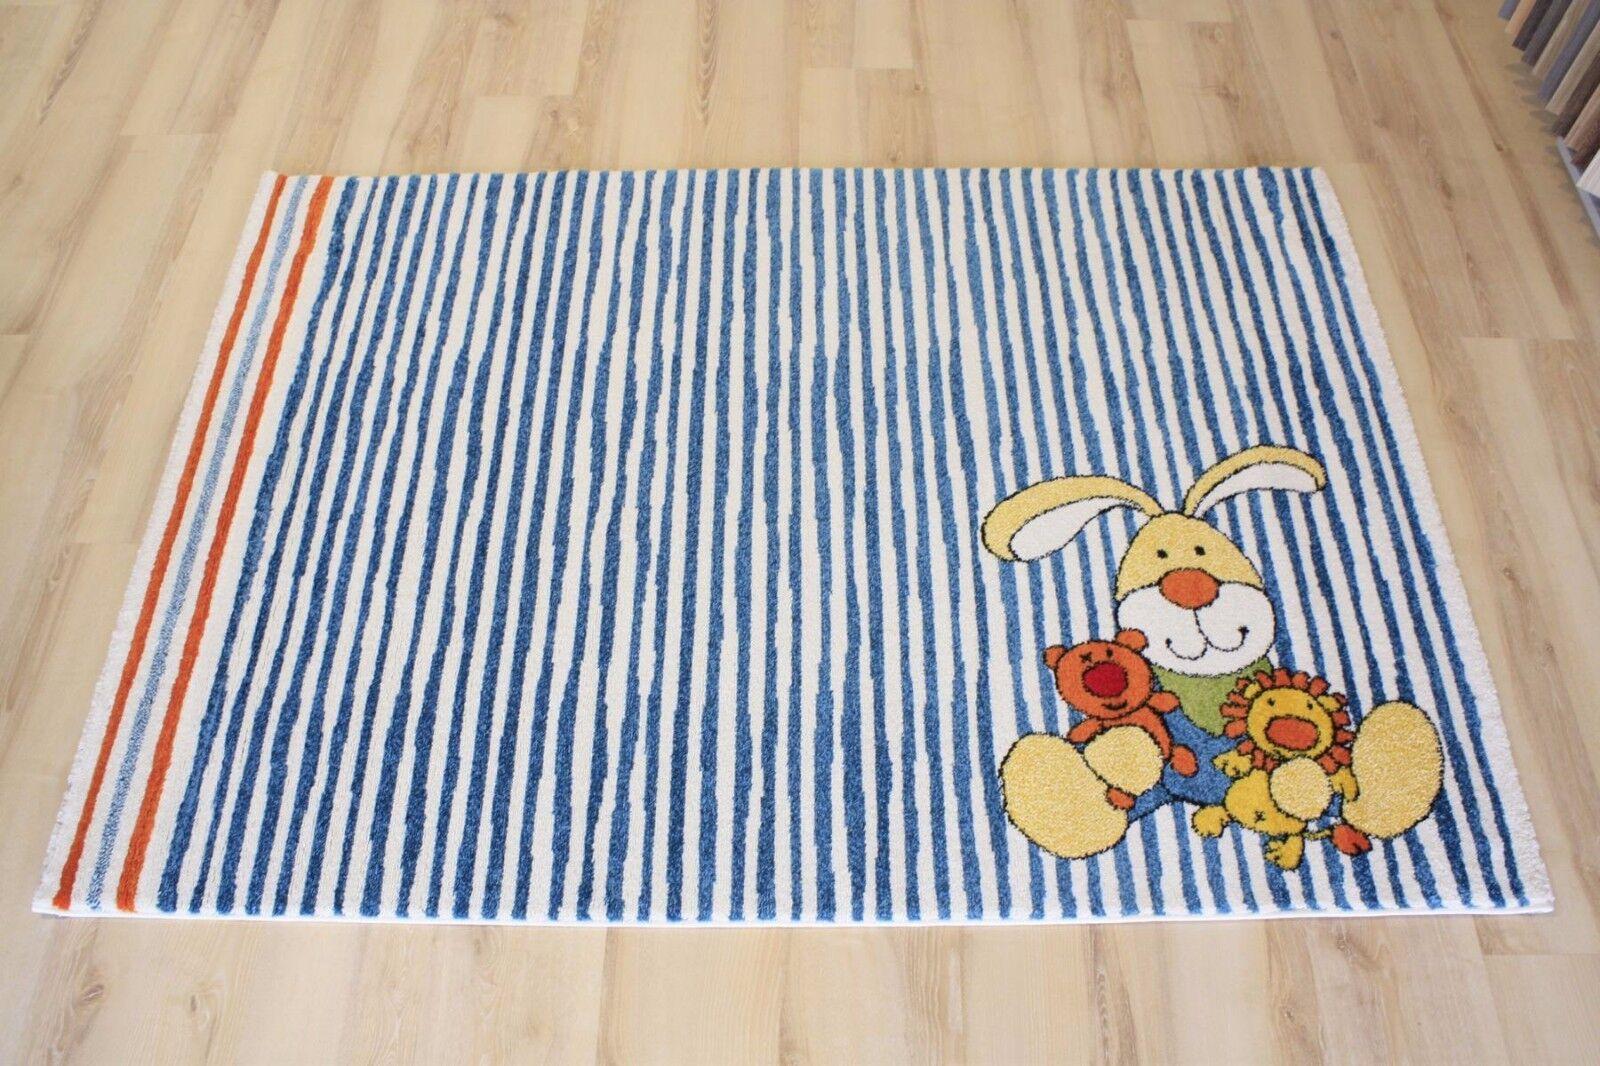 Tapis pour enfants Tapis de jeu sigikid sk-0527-01 Semmel Bunny 120x170 cm bleu